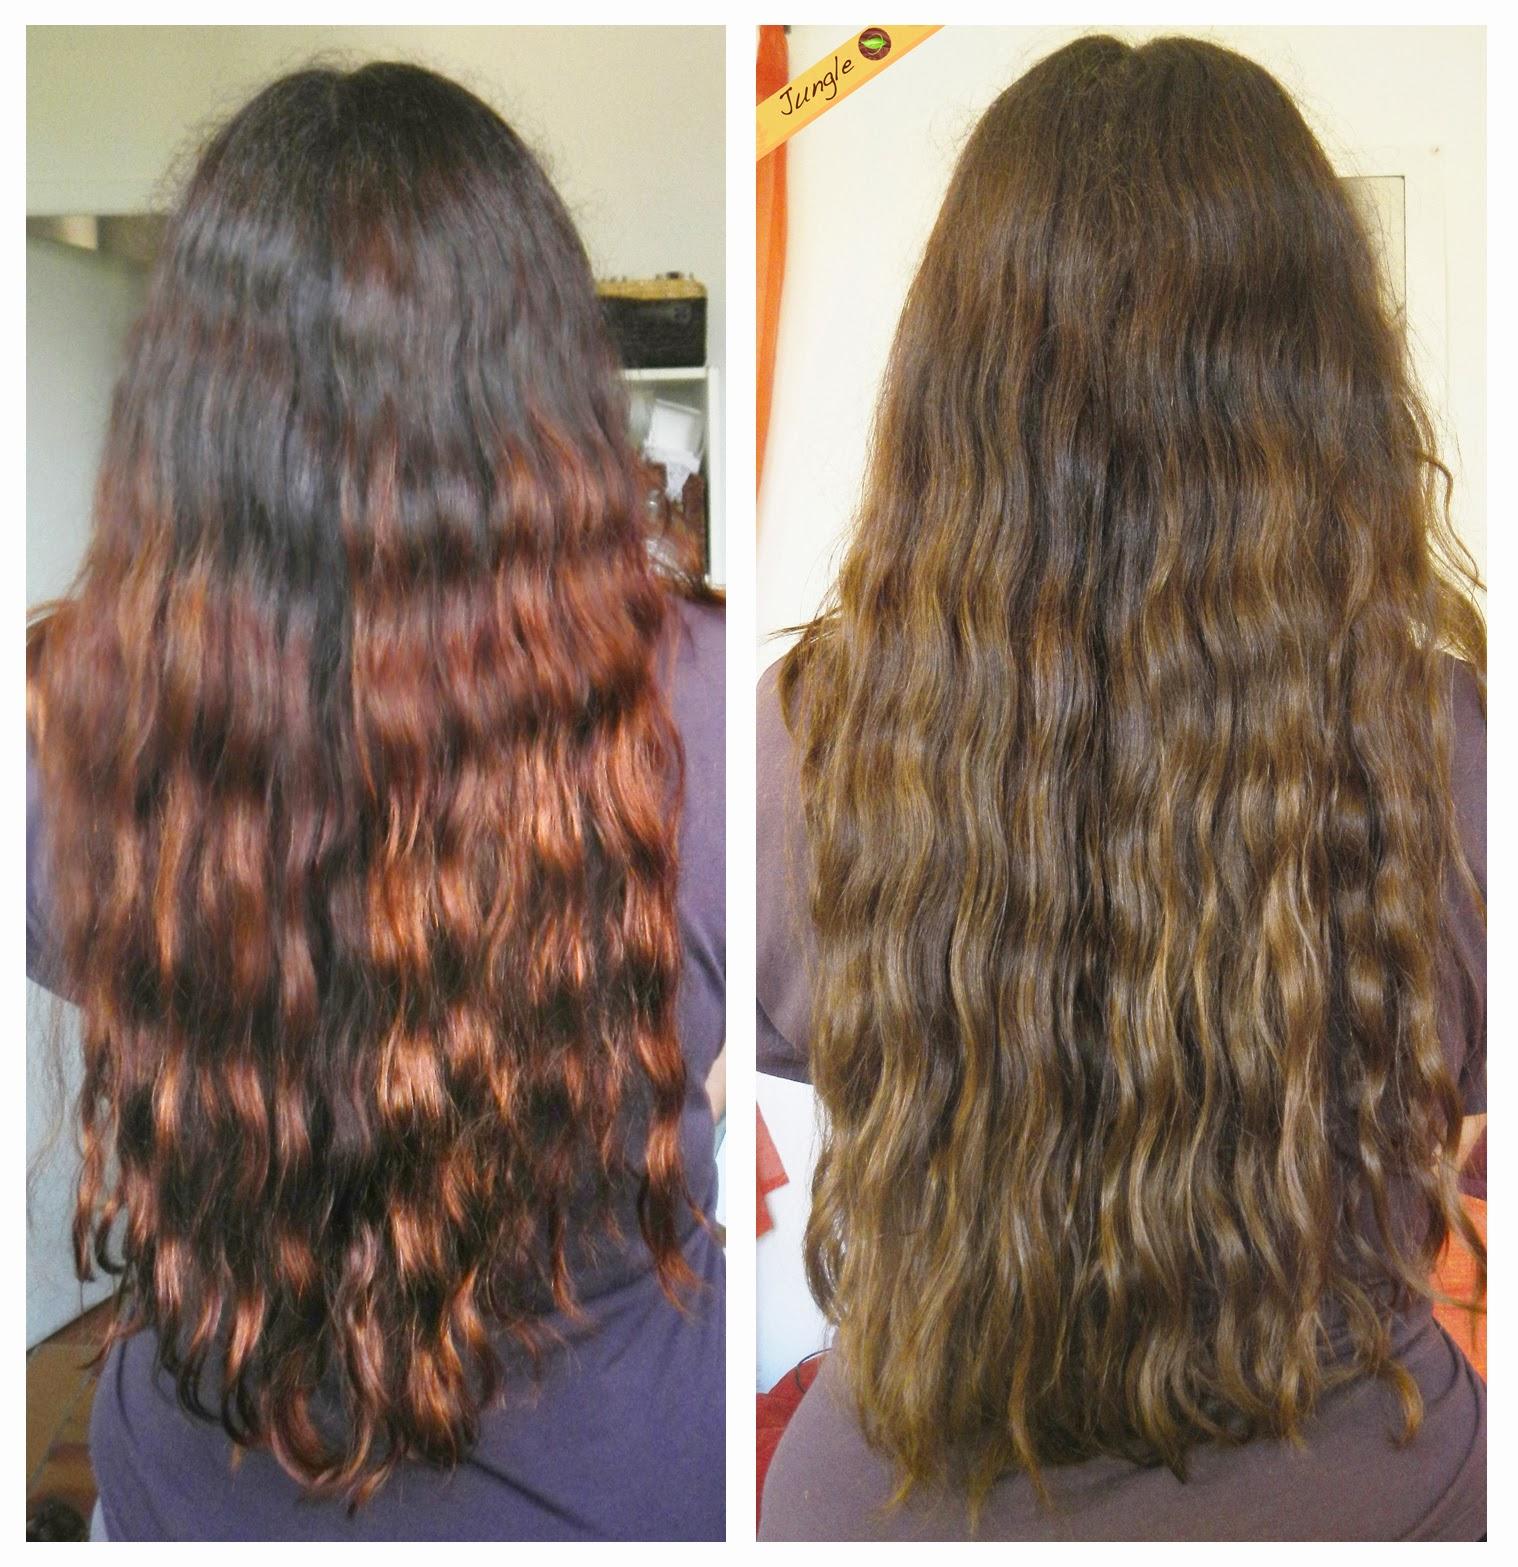 Jungle 39 s hair de beaux cheveux au naturel un premier - Colorant pour huile de lin ...